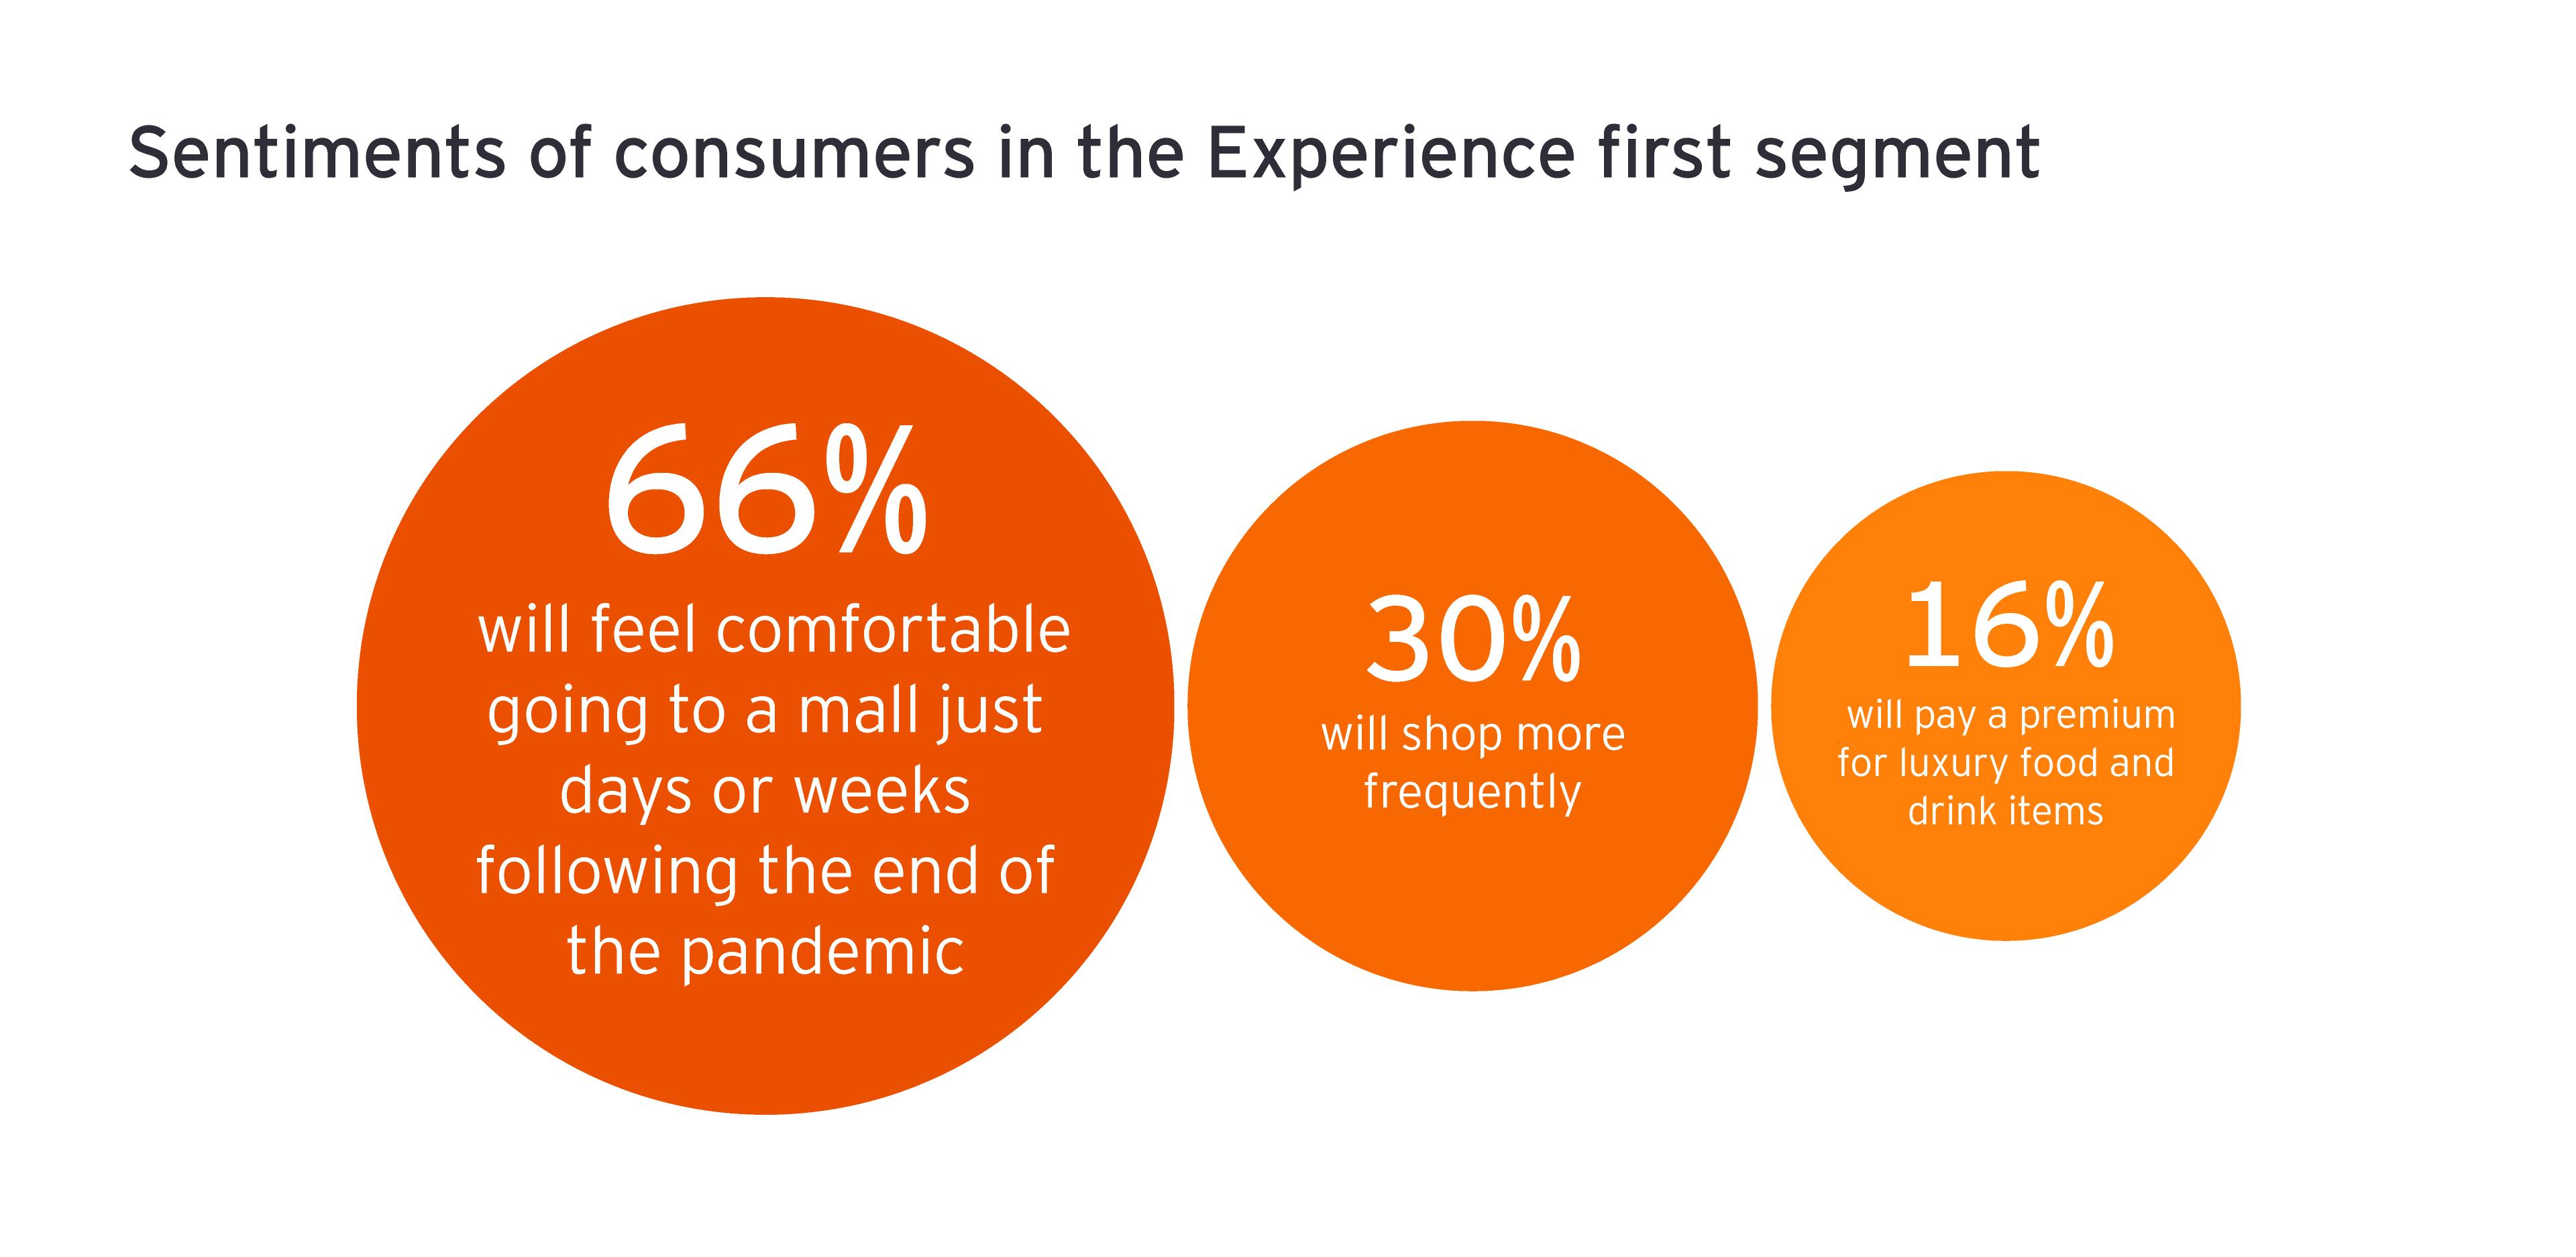 Sentimientos de los consumidores en el primer segmento de la Experiencia